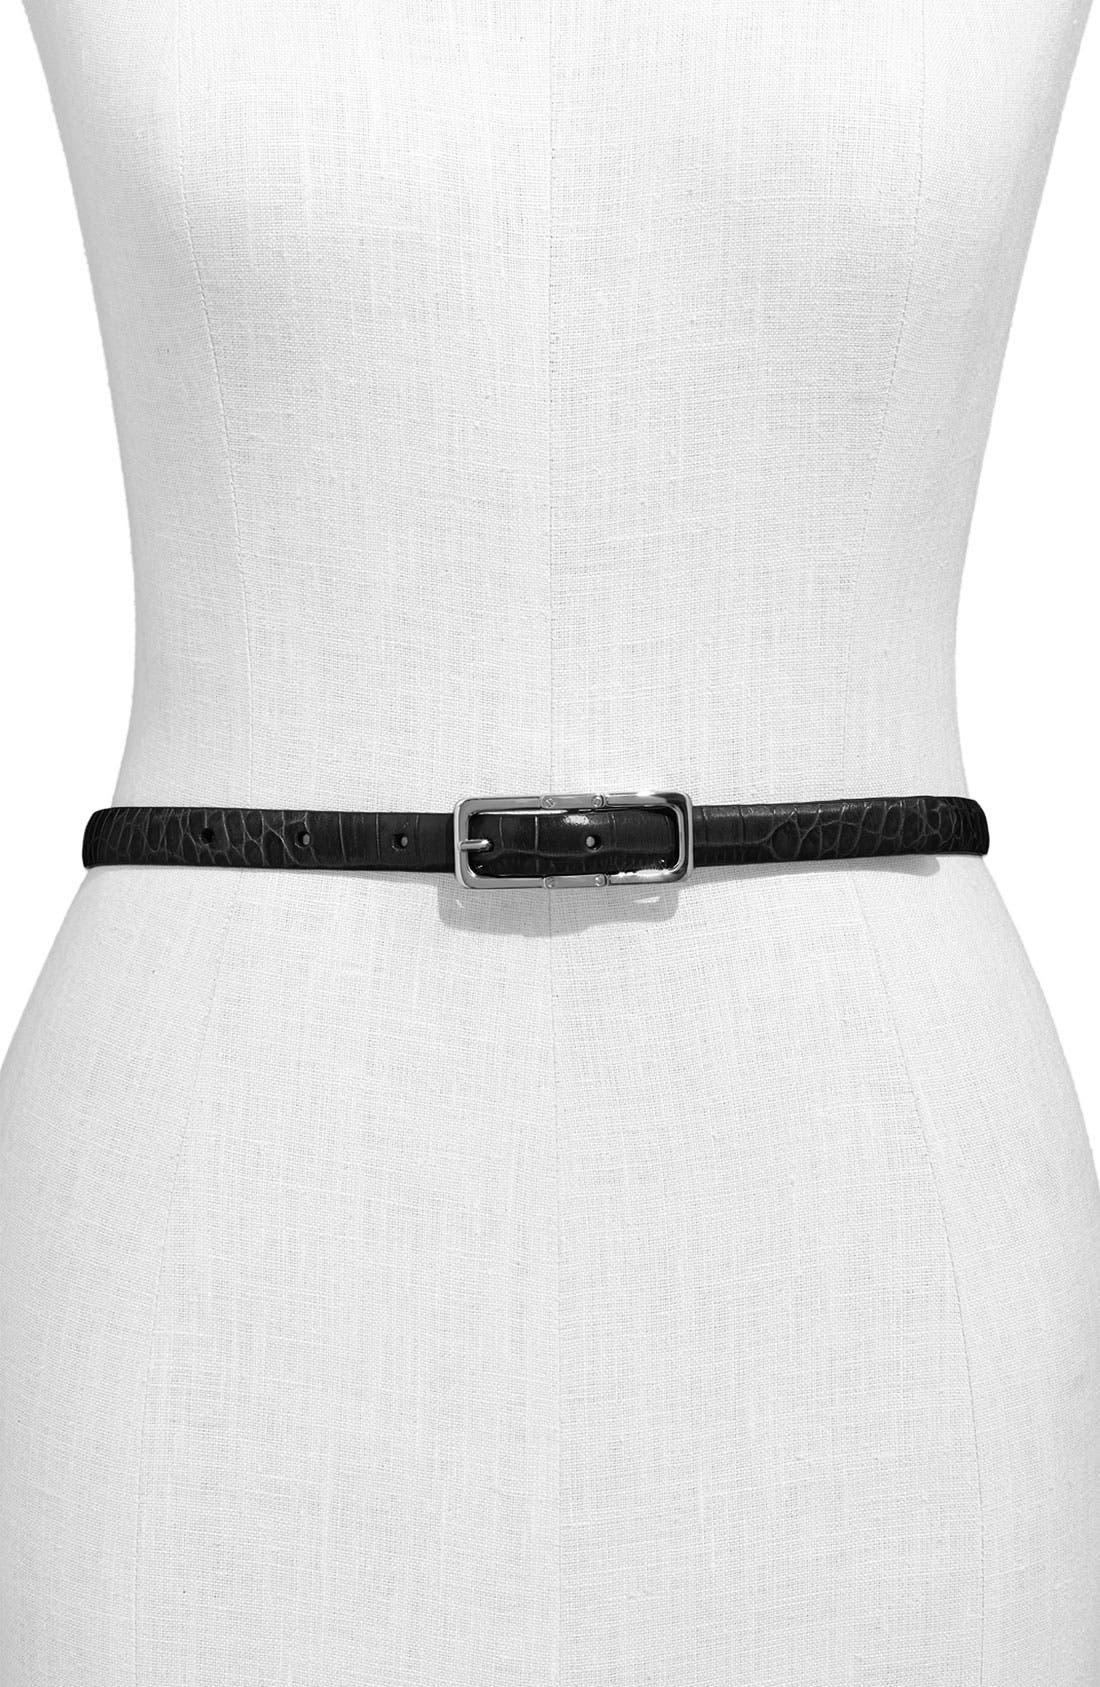 Main Image - Lauren Ralph Lauren Croc Embossed Reversible Belt